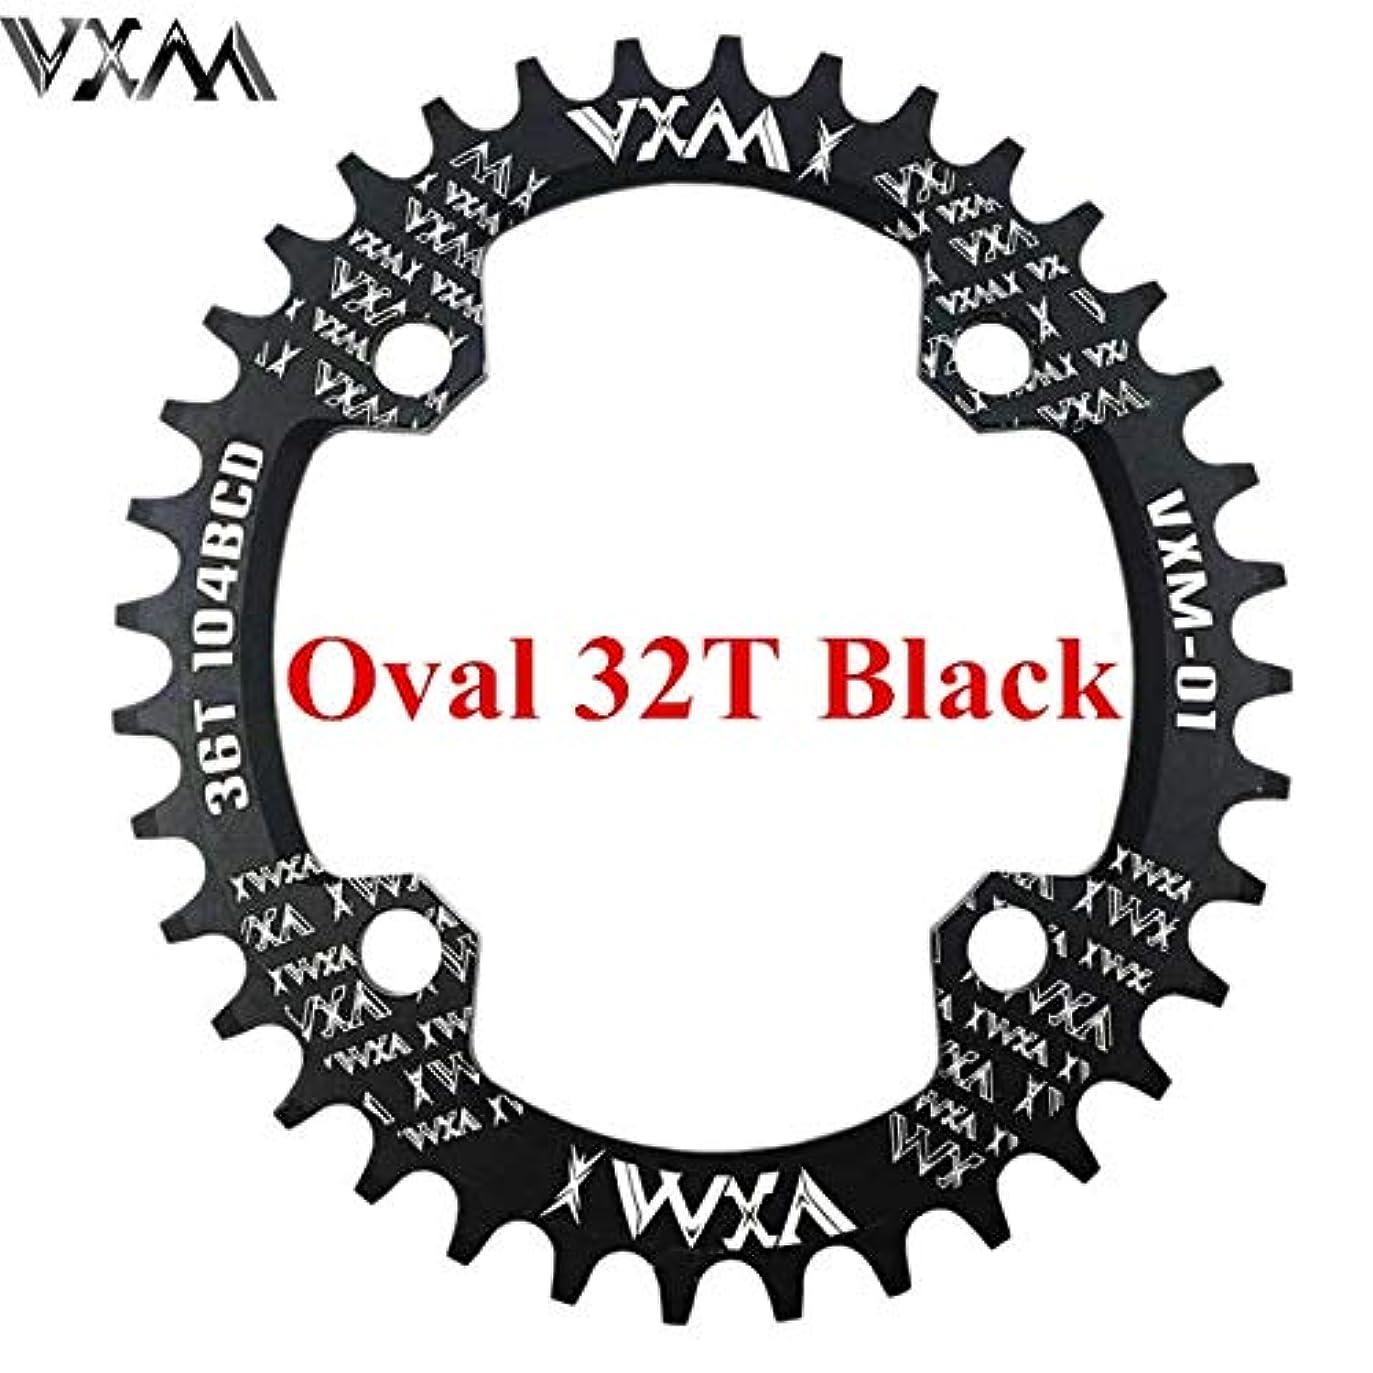 チューインガム行列認めるPropenary - 自転車104BCDクランクオーバルラウンド30T 32T 34T 36T 38T 40T 42T 44T 46T 48T 50T 52TチェーンホイールXT狭い広い自転車チェーンリング[オーバル32T...